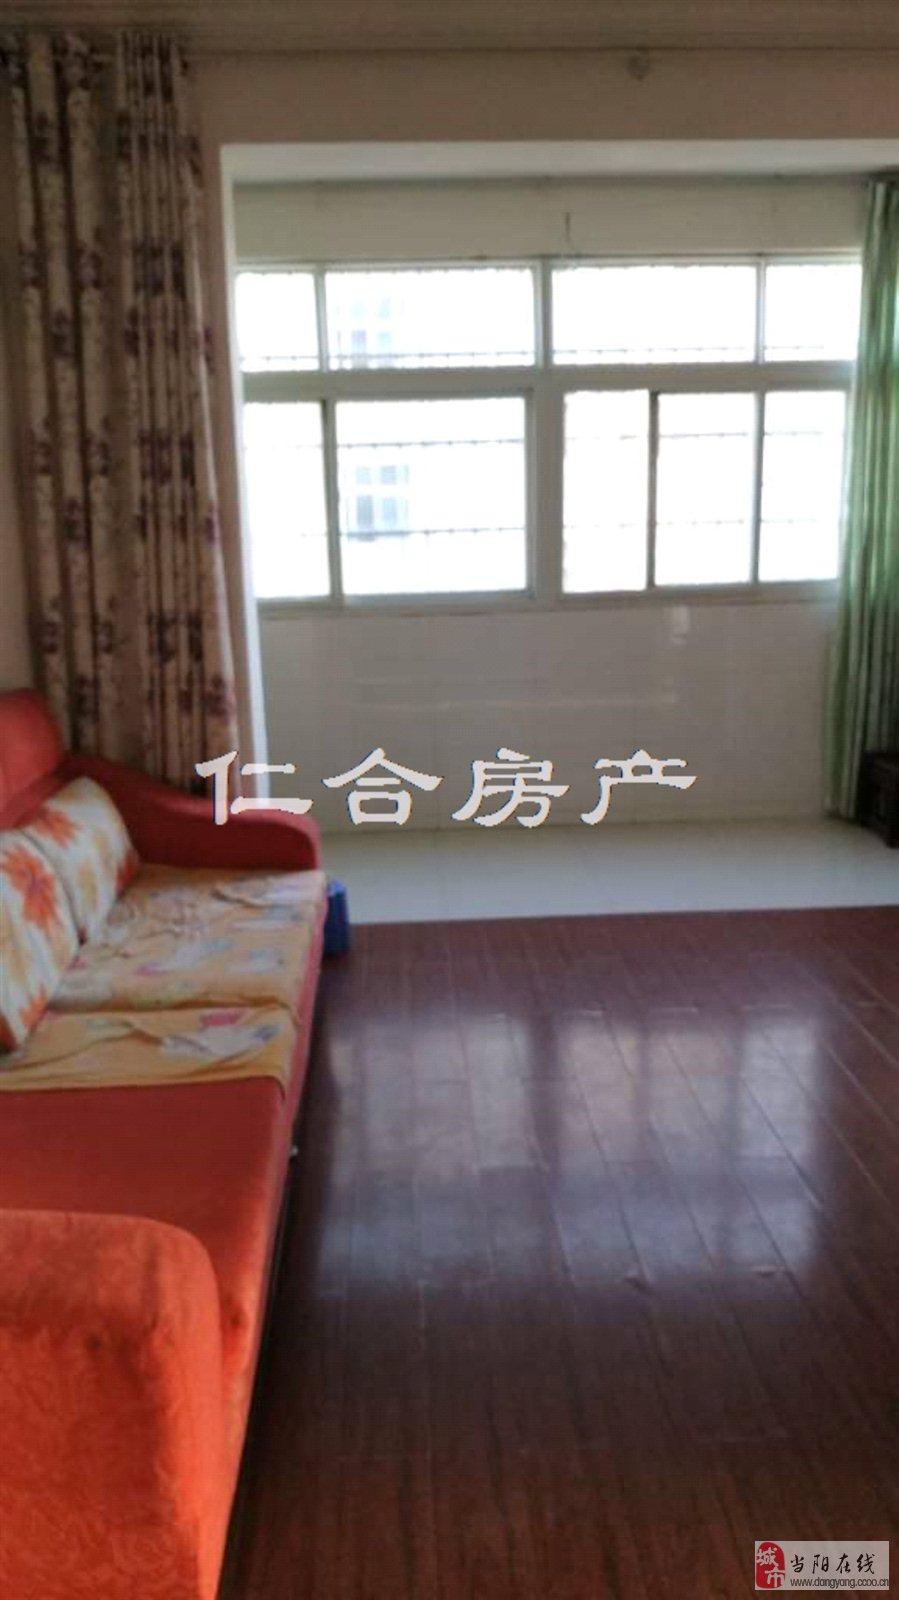 香榭水岸精裝公寓55㎡僅售23.8萬元